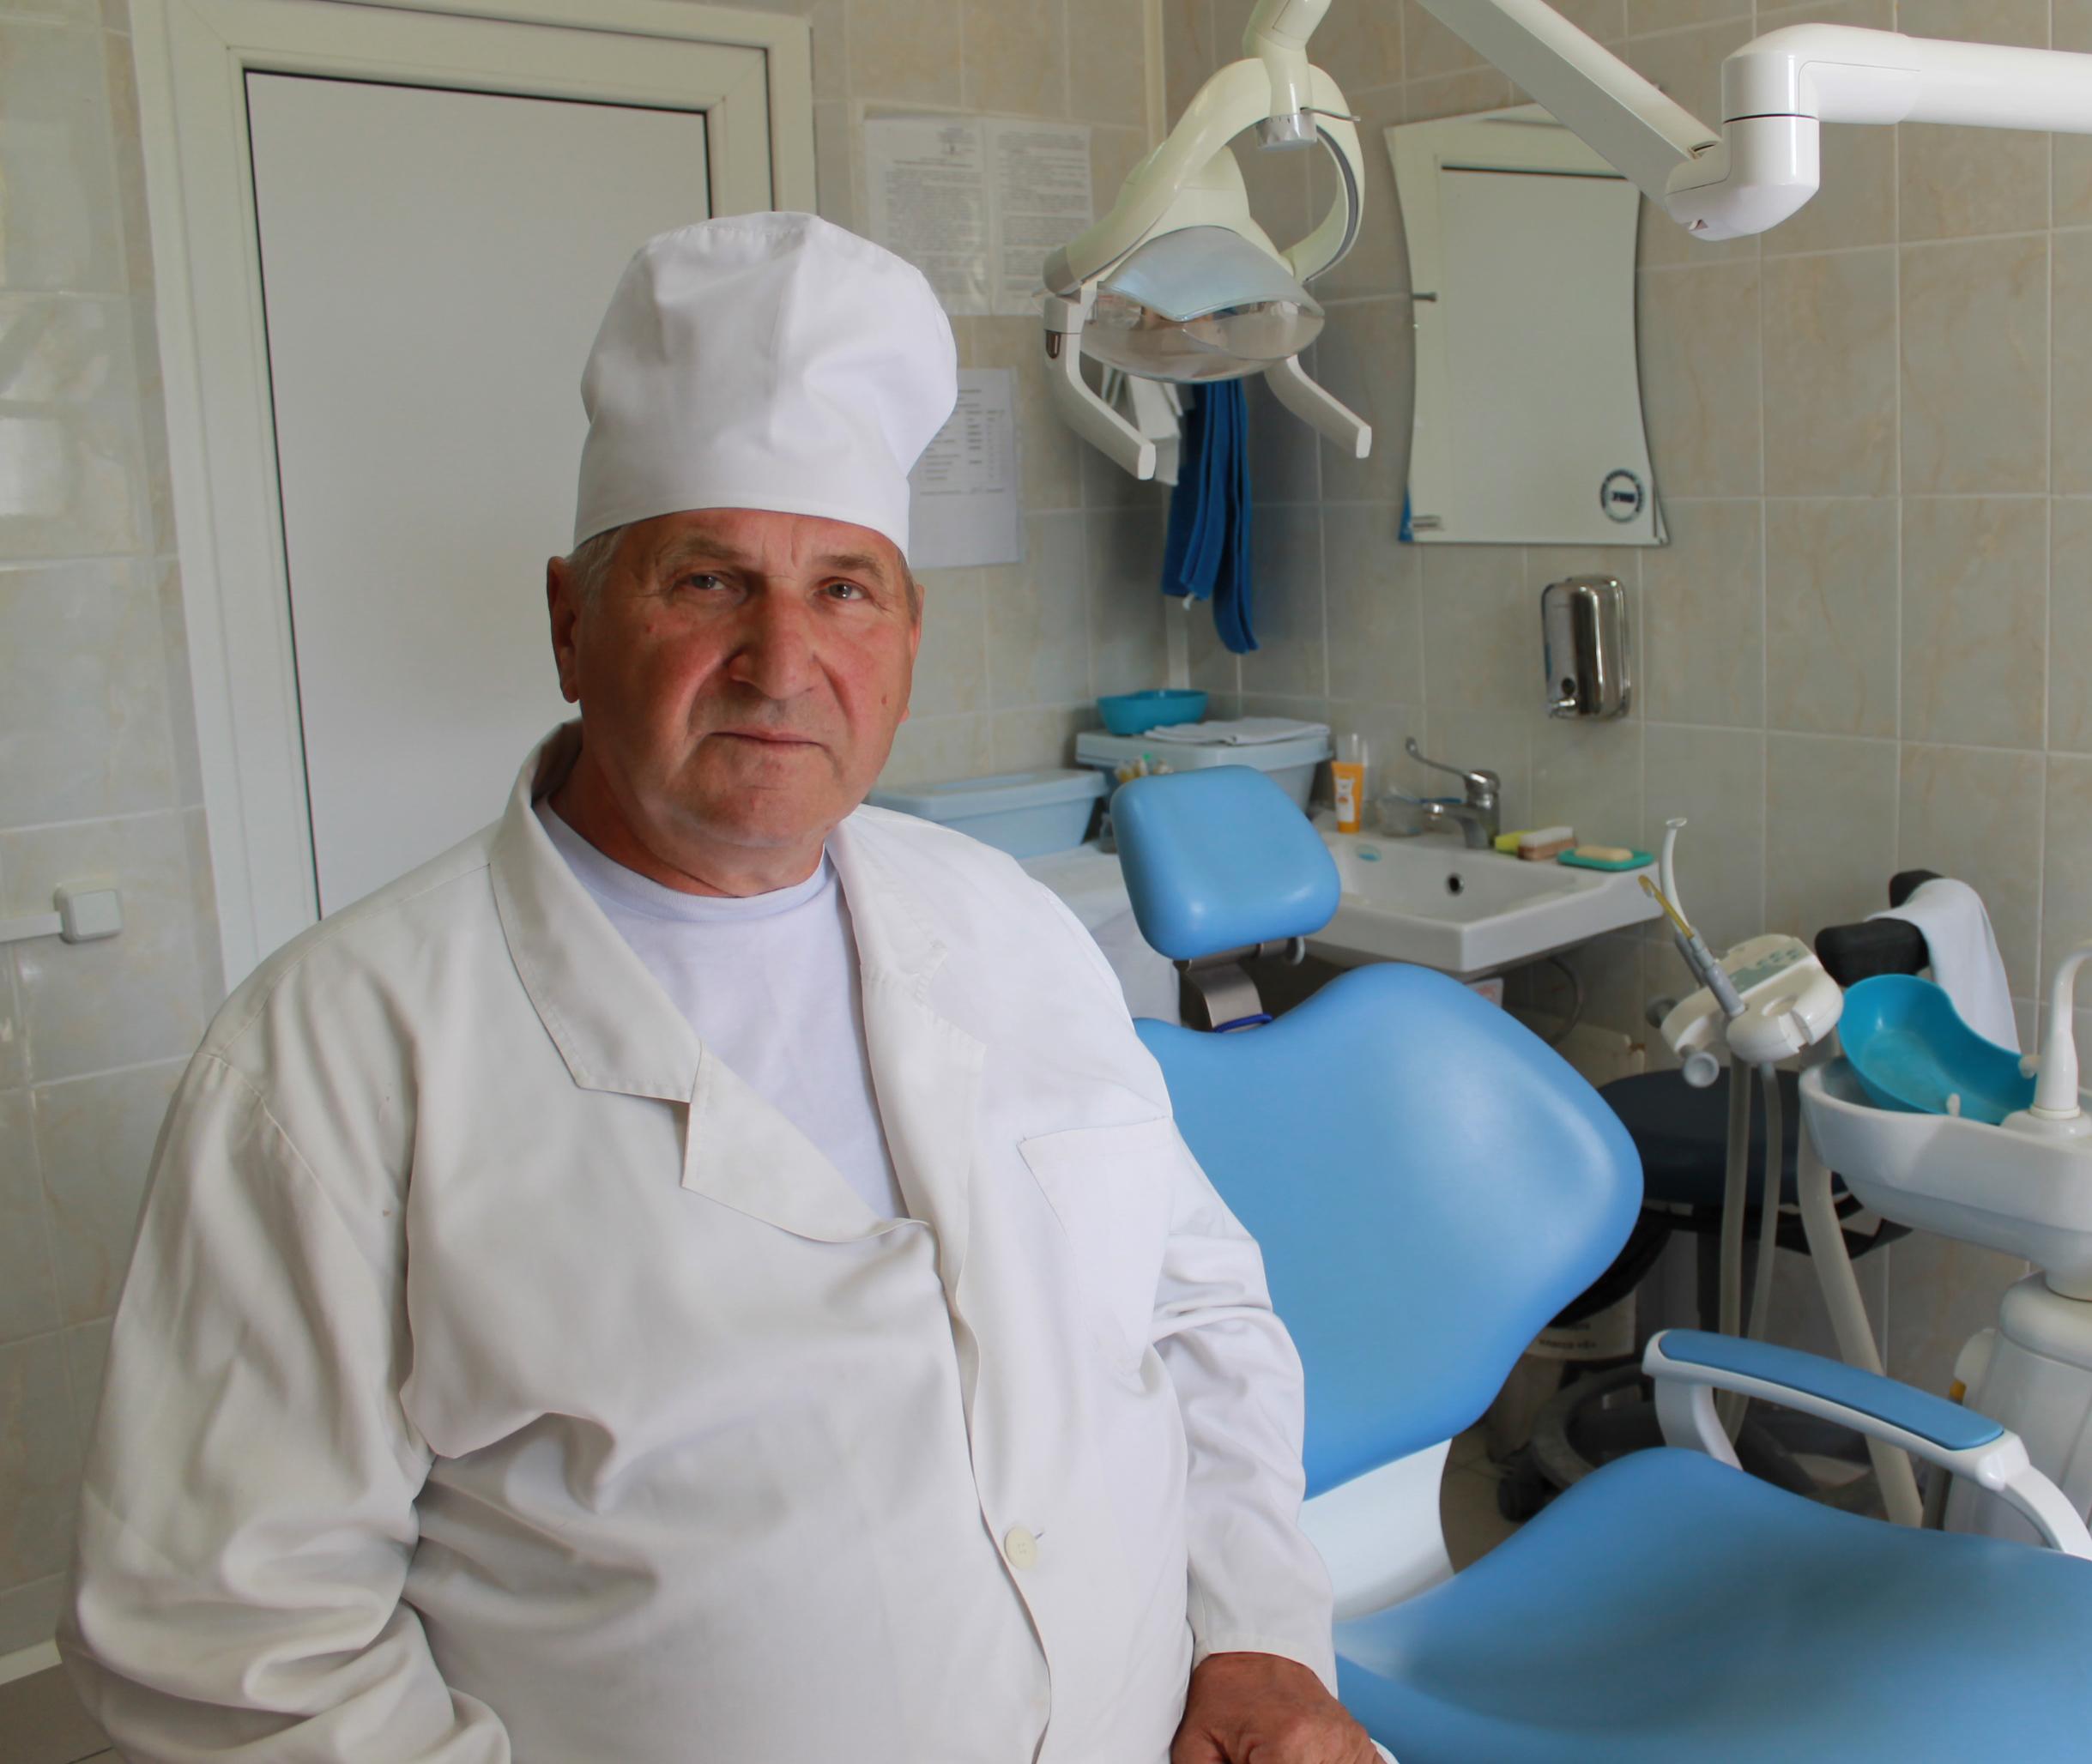 Баранов Владимир Владимирович Image